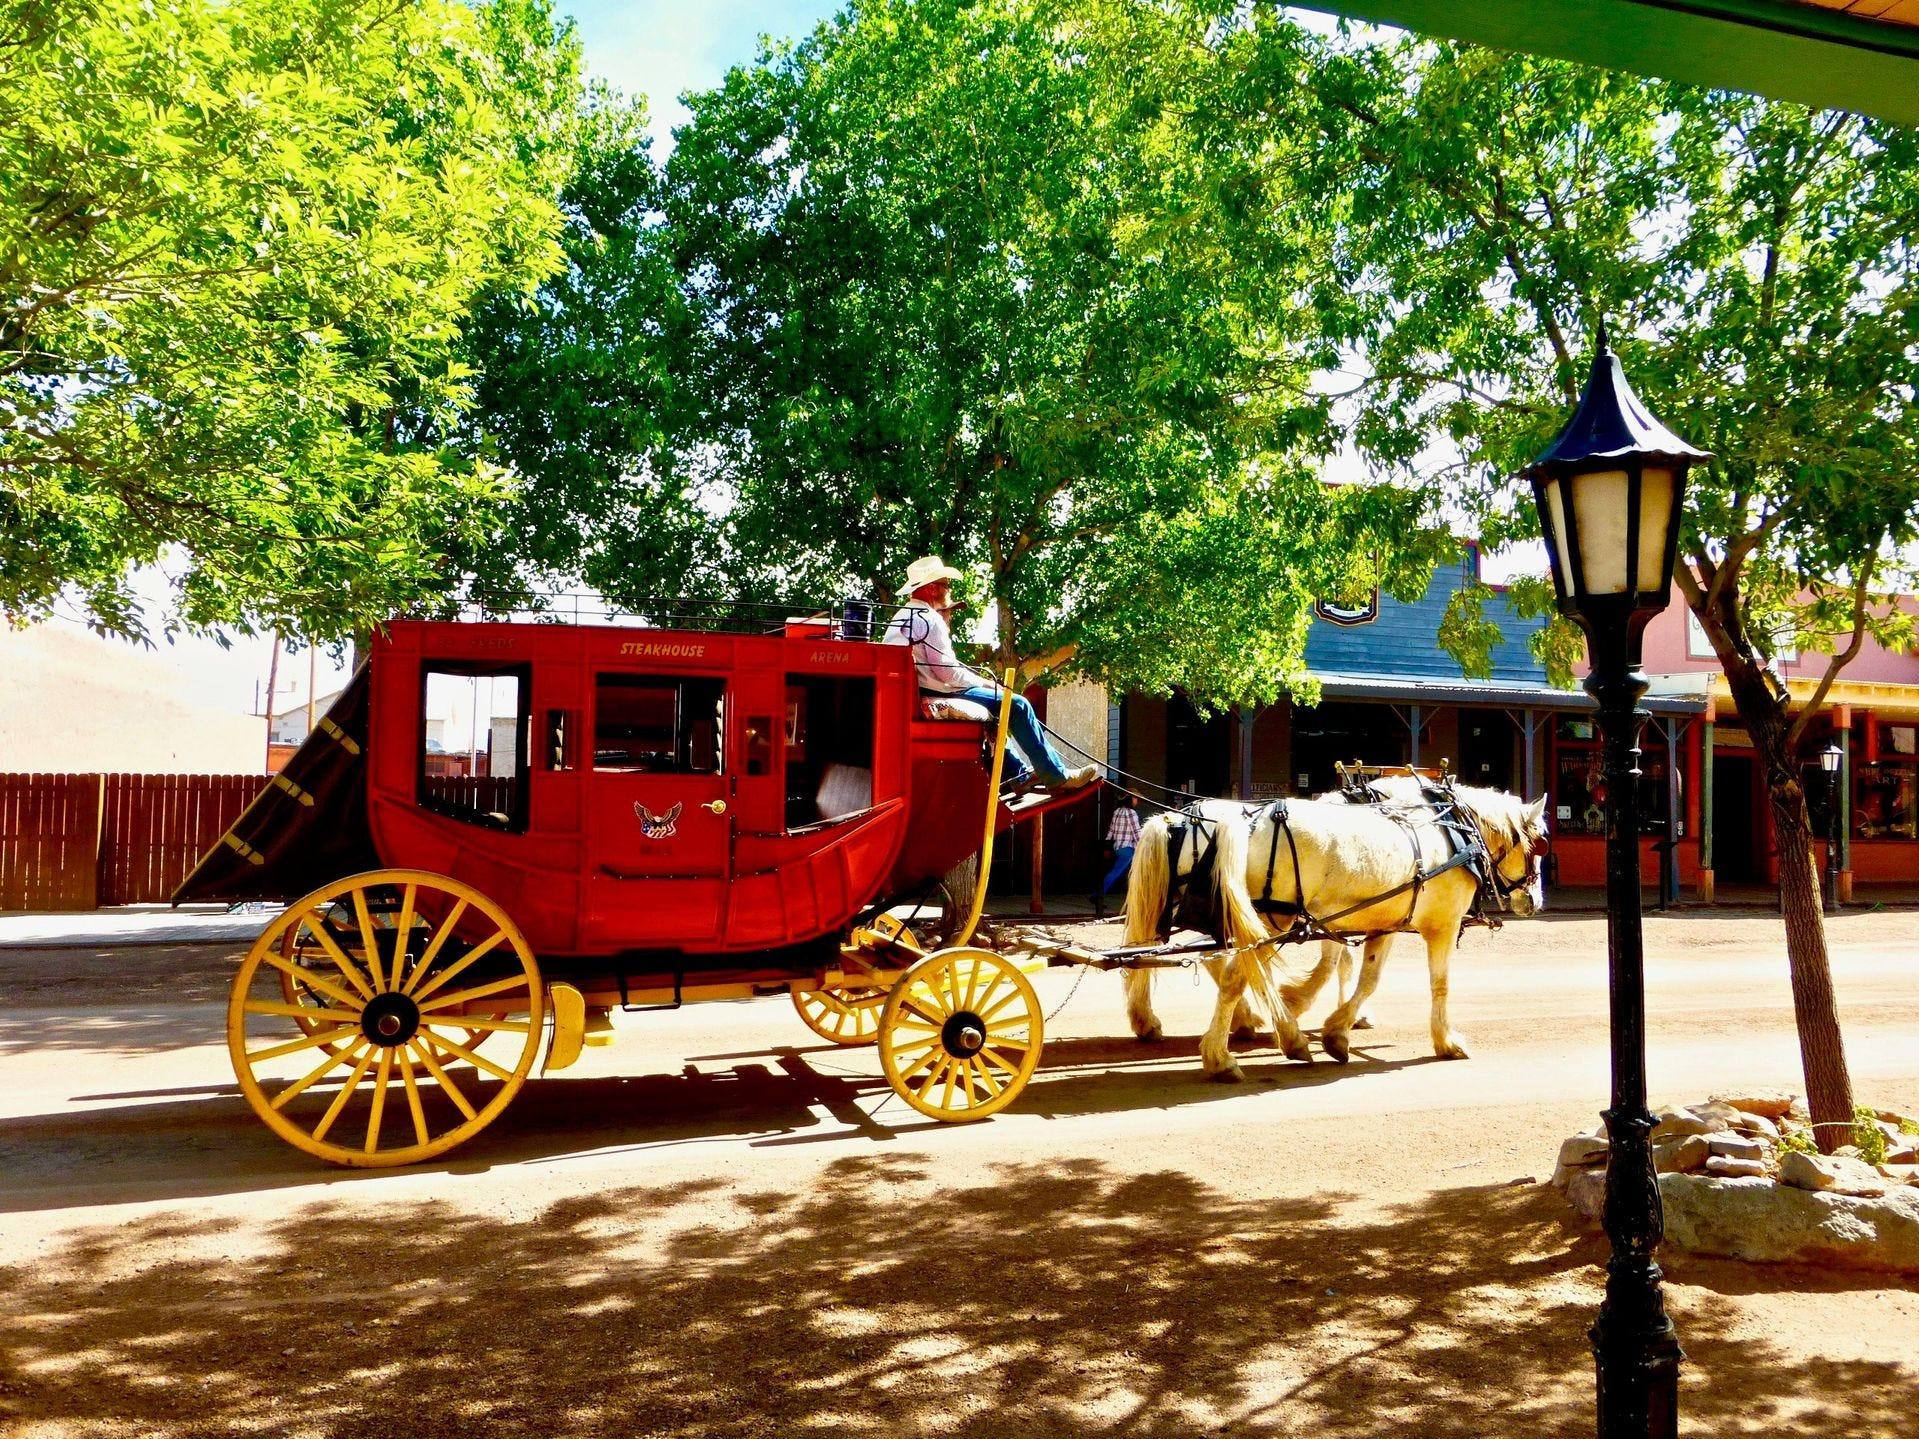 La ciudad de Tombstone recibió su nombre por el reclamo minero original que inició el auge de la plata en Arizona.